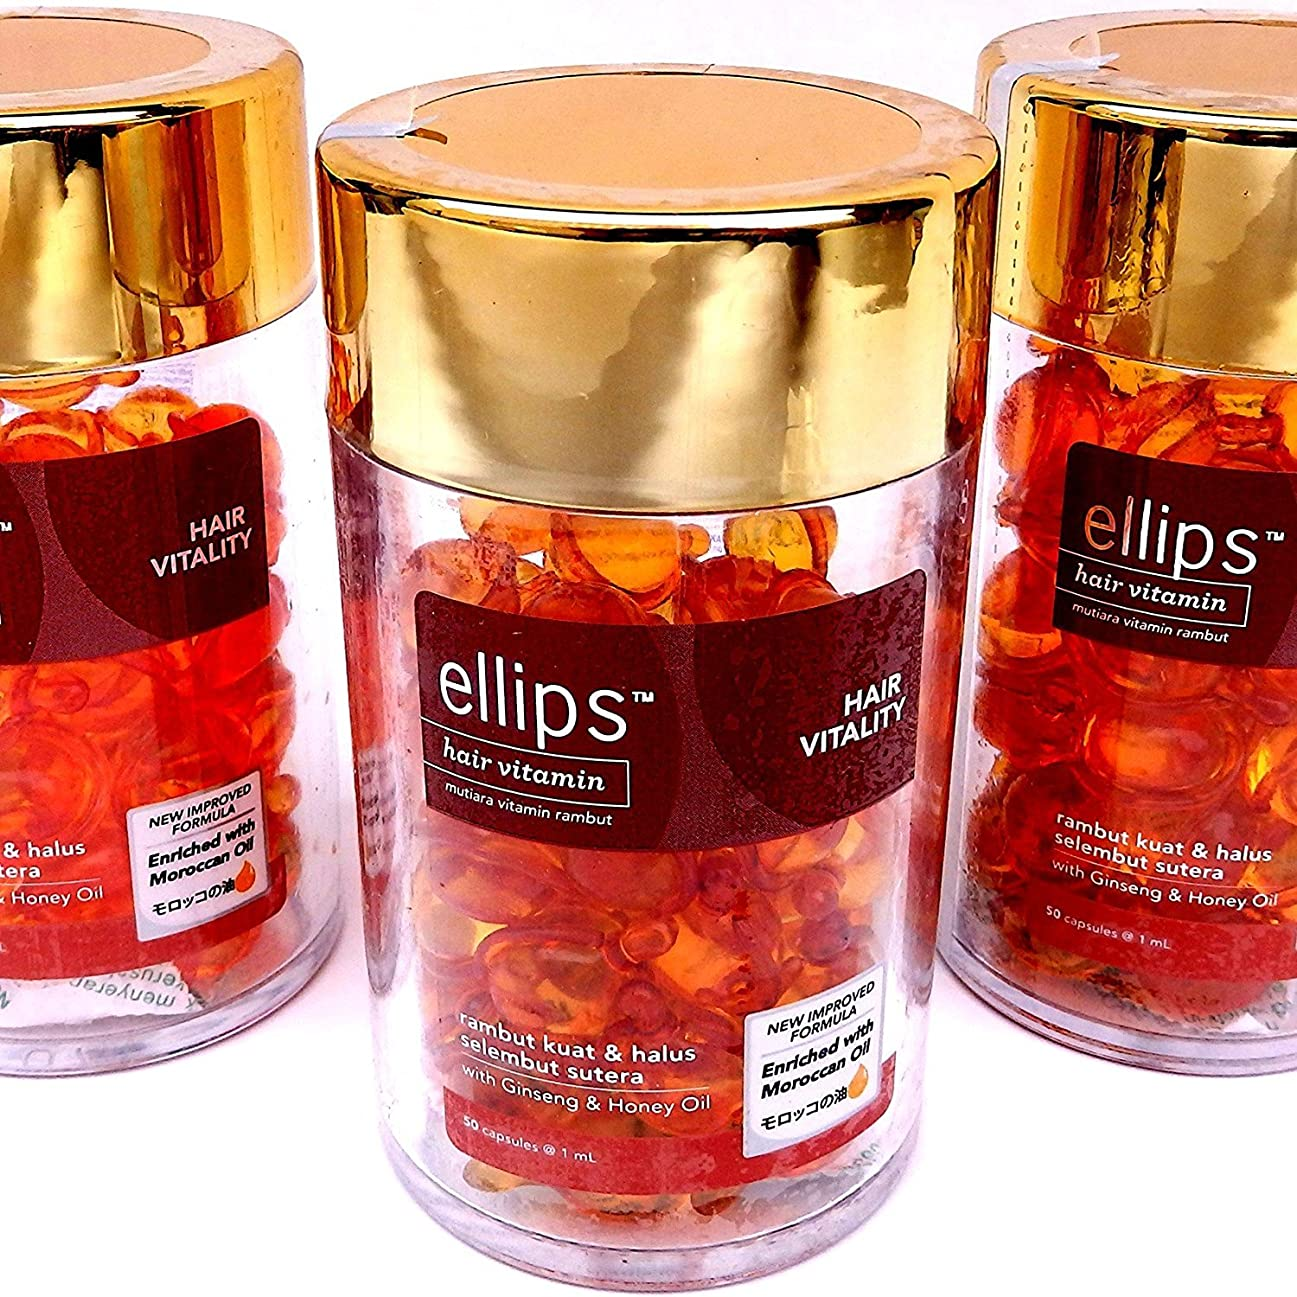 策定する変化対応エリプス(Ellips) ヘアビタミン ブラウン ボトル(50粒入)× 3 個セット[並行輸入品]